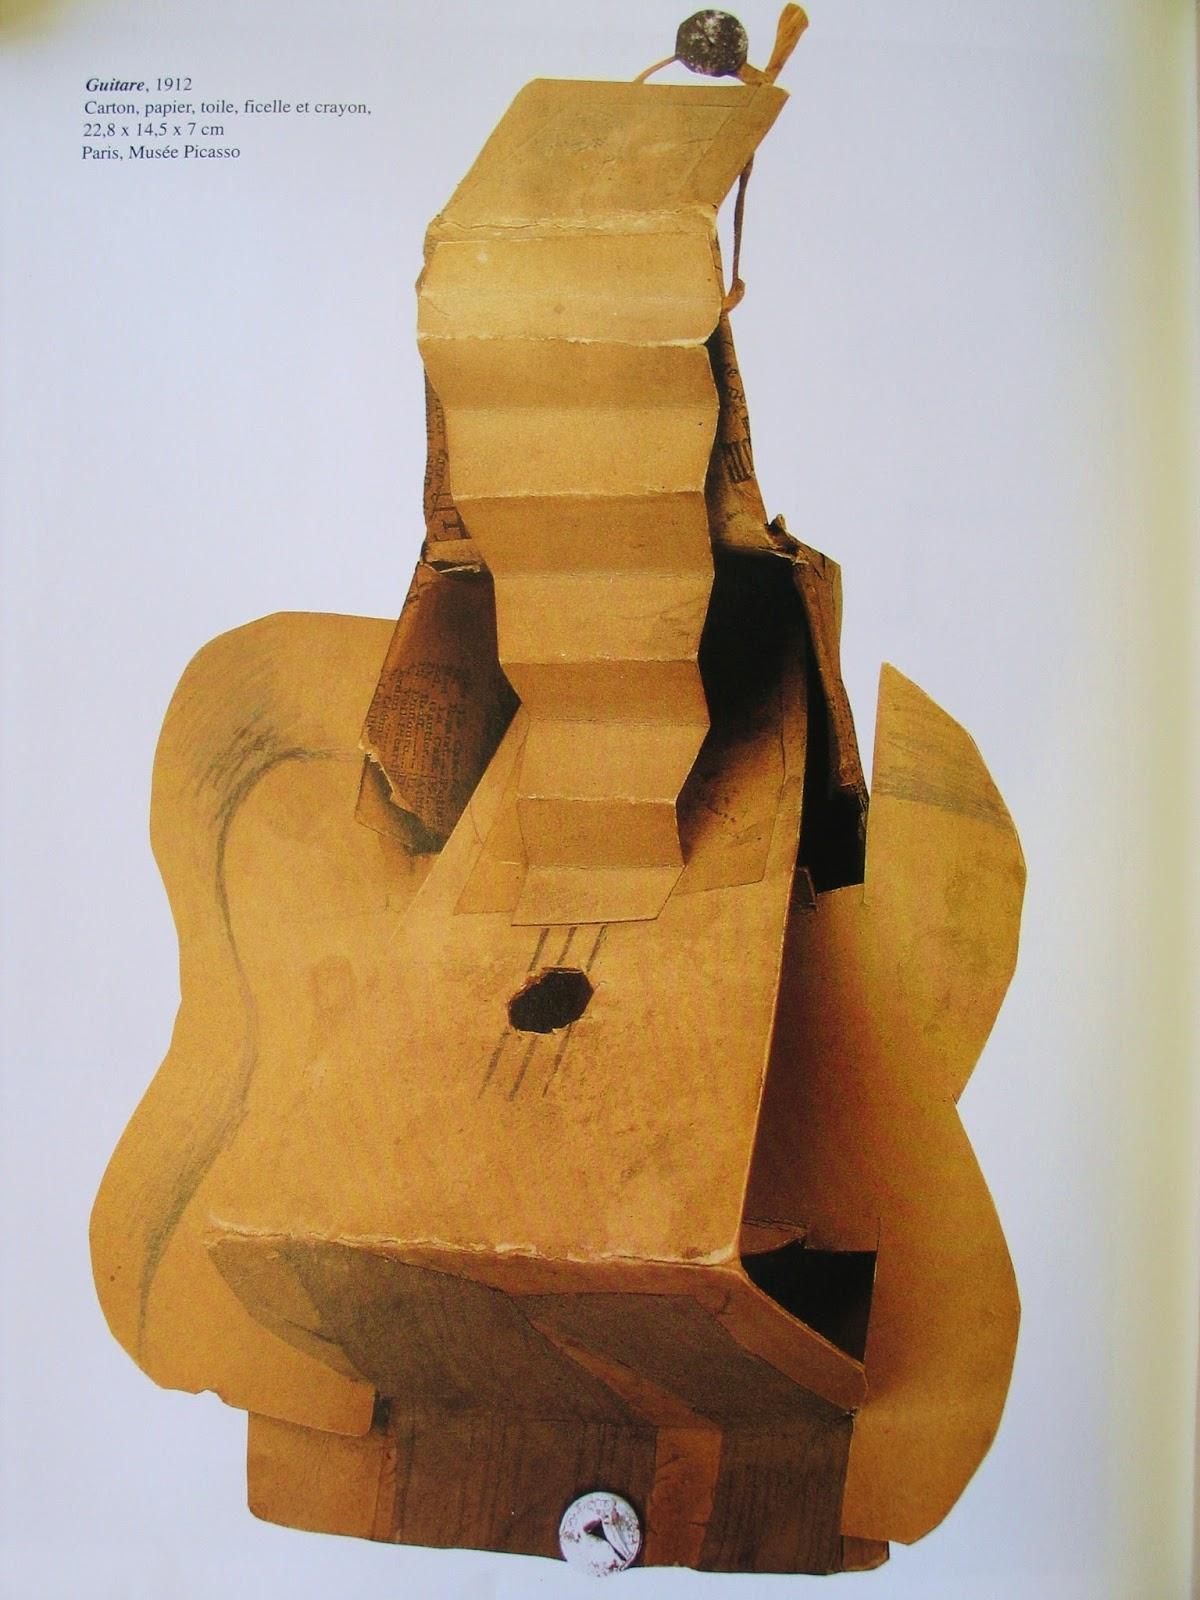 l'Histoire de l'Art : Série de guitares-----Pablo Ruiz Picasso